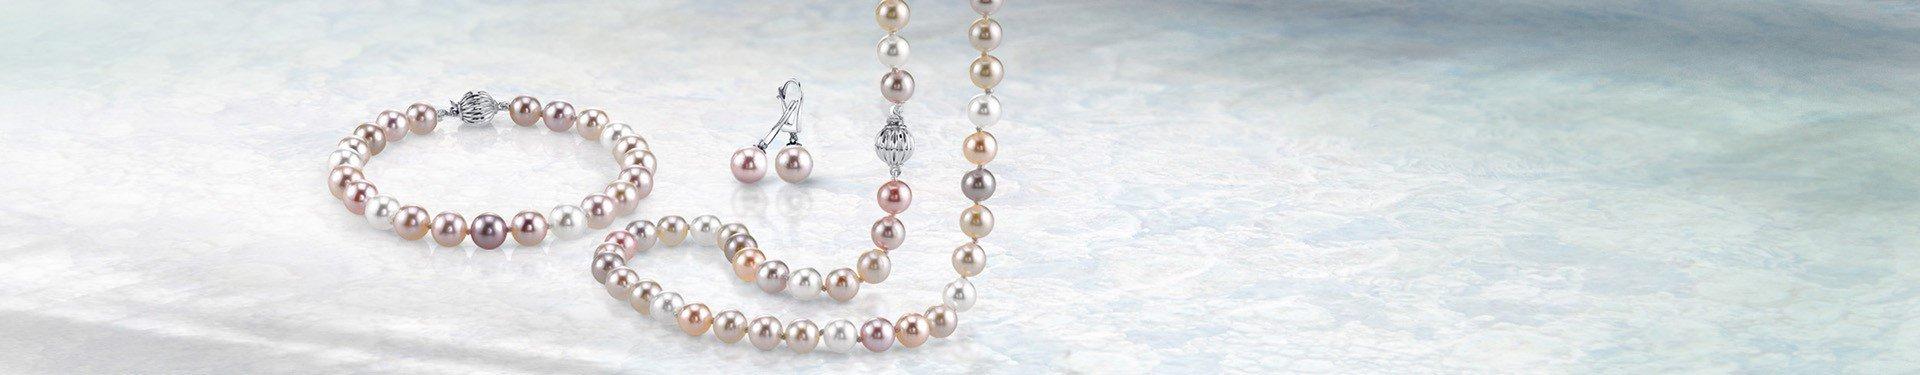 multicolor pearls